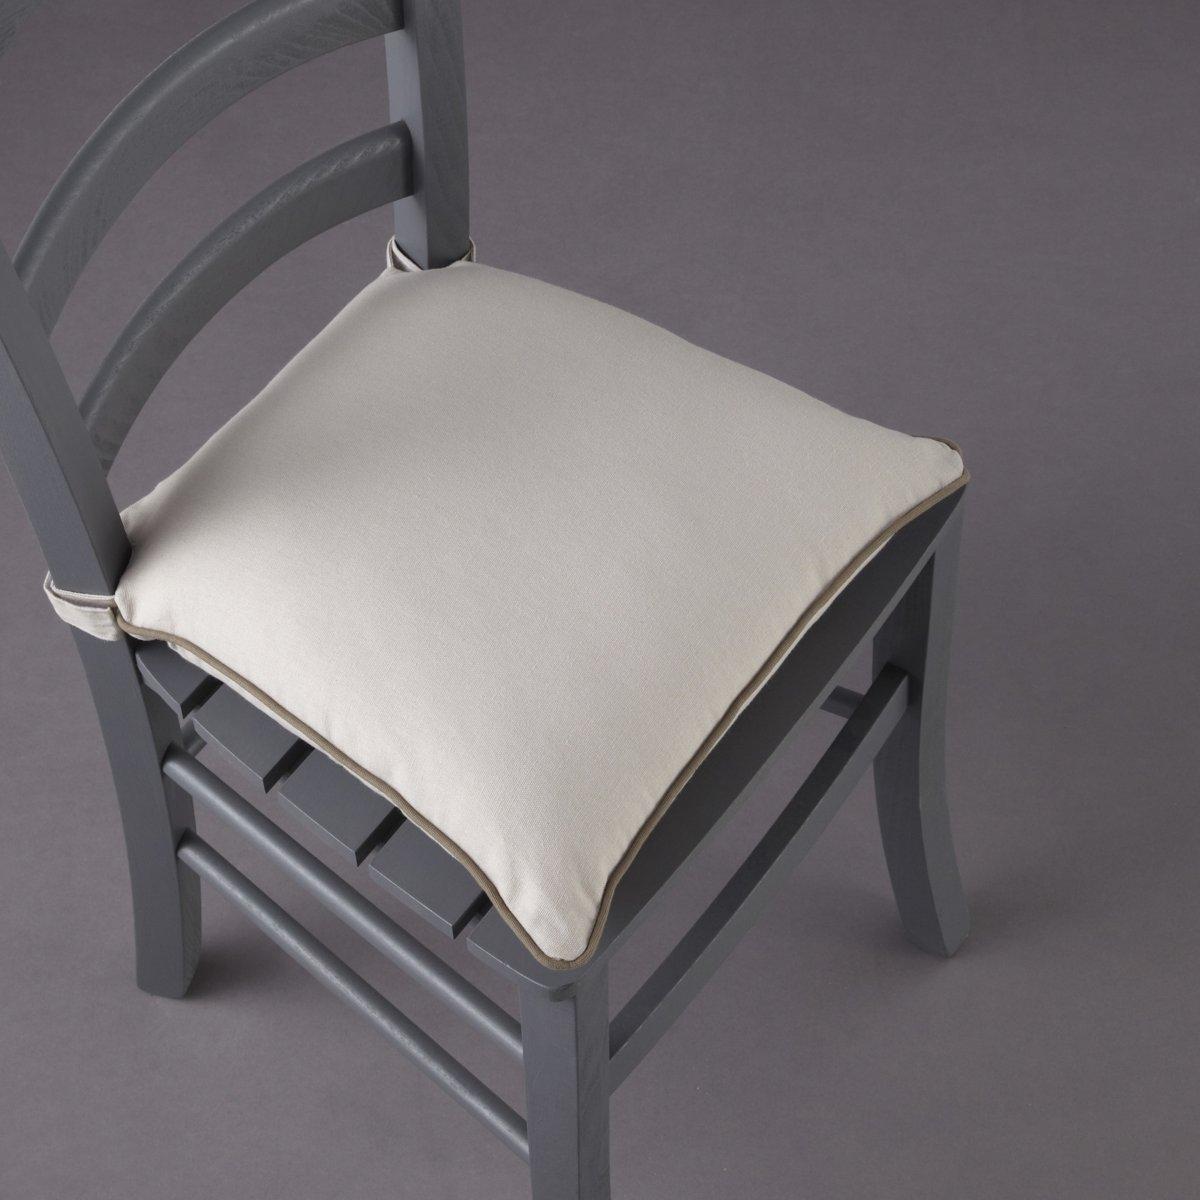 Подушка для стула, BRIDGYМягкая, удобная подушка для стула существует в 5 модных расцветках с контрастным кантом. Сочетается с другими чехлами этой коллекции для мебели: кресел, диванов, стульев и для декоративных подушек, которые украсят Ваш интерьер!  Коллекция предметов декора Valeur S?re - качественные изделия с красивой отделкой. Существует 5 однотонных расцветок и 1 принт в полоску (не для всех моделей). Все чехлы для мебели: кресел, диванов, стульев и для декоративных подушек (продаются отдельно на нашем сайте) отлично сочетаются. Состав, описание и уход: - 100% хлопок, отделка контрастным кантом. - Наполнитель: 100% полиэстера. - Съемный чехол. - Стирать при 40°C.- Застежка текстильная (липучка). - Размеры: 40 x 40 см, толщина: 4 см.Сертификат Oeko-Tex® дает гарантию того, что товары изготовлены без применения химических средств и не представляют опасности для здоровья человека.<br><br>Цвет: белый/ черный,серо-бежевый/серо-коричневый,серо-коричневый/серо-бежевый,серый жемчужный/ белый<br>Размер: 40 x 40  см